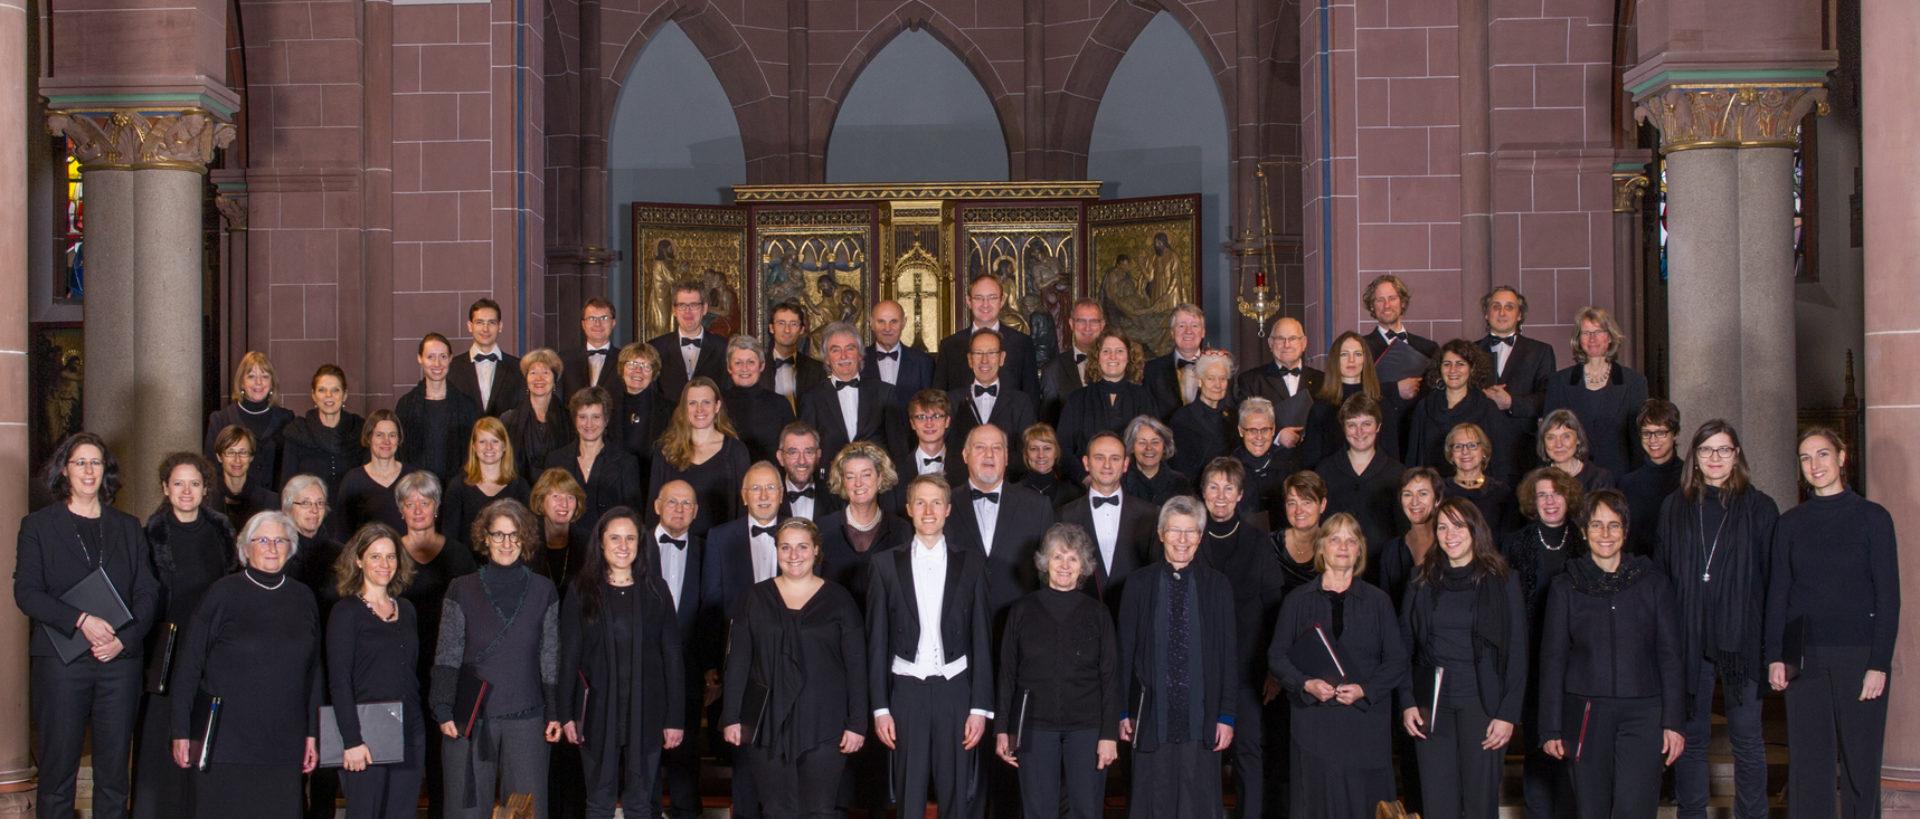 chorale franco-allemande de Friburg